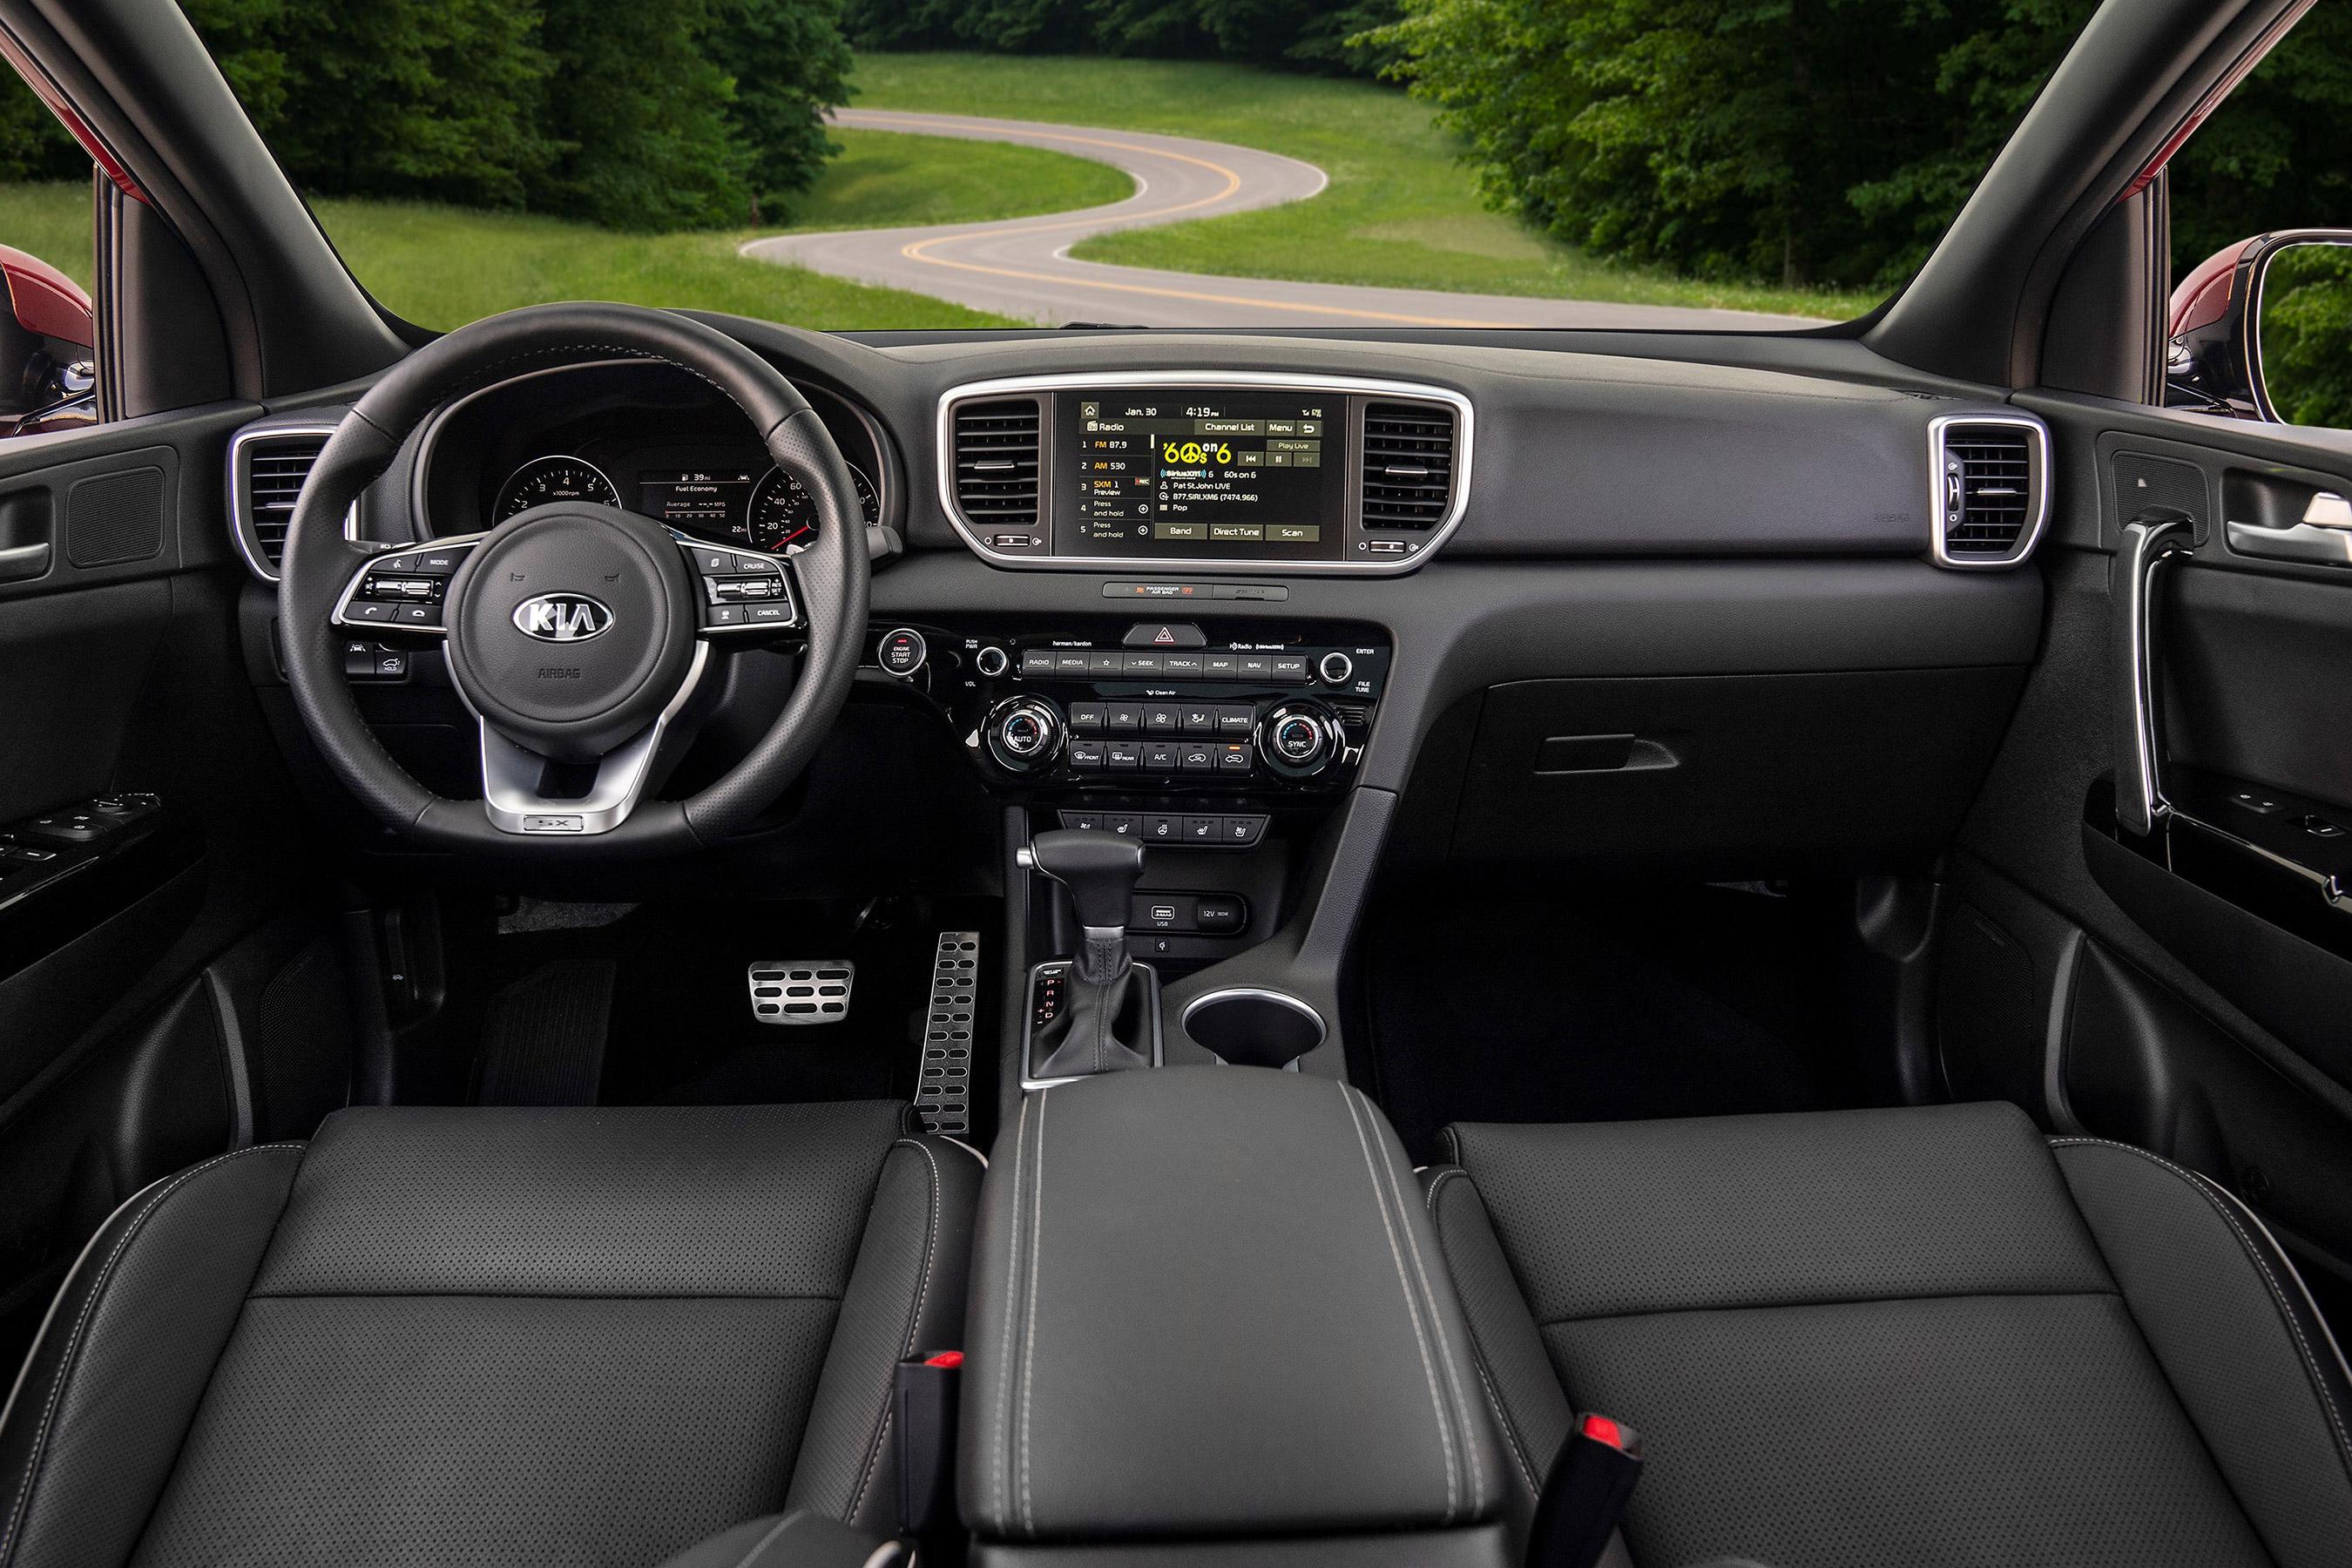 2020 Kia Sportage Cockpit